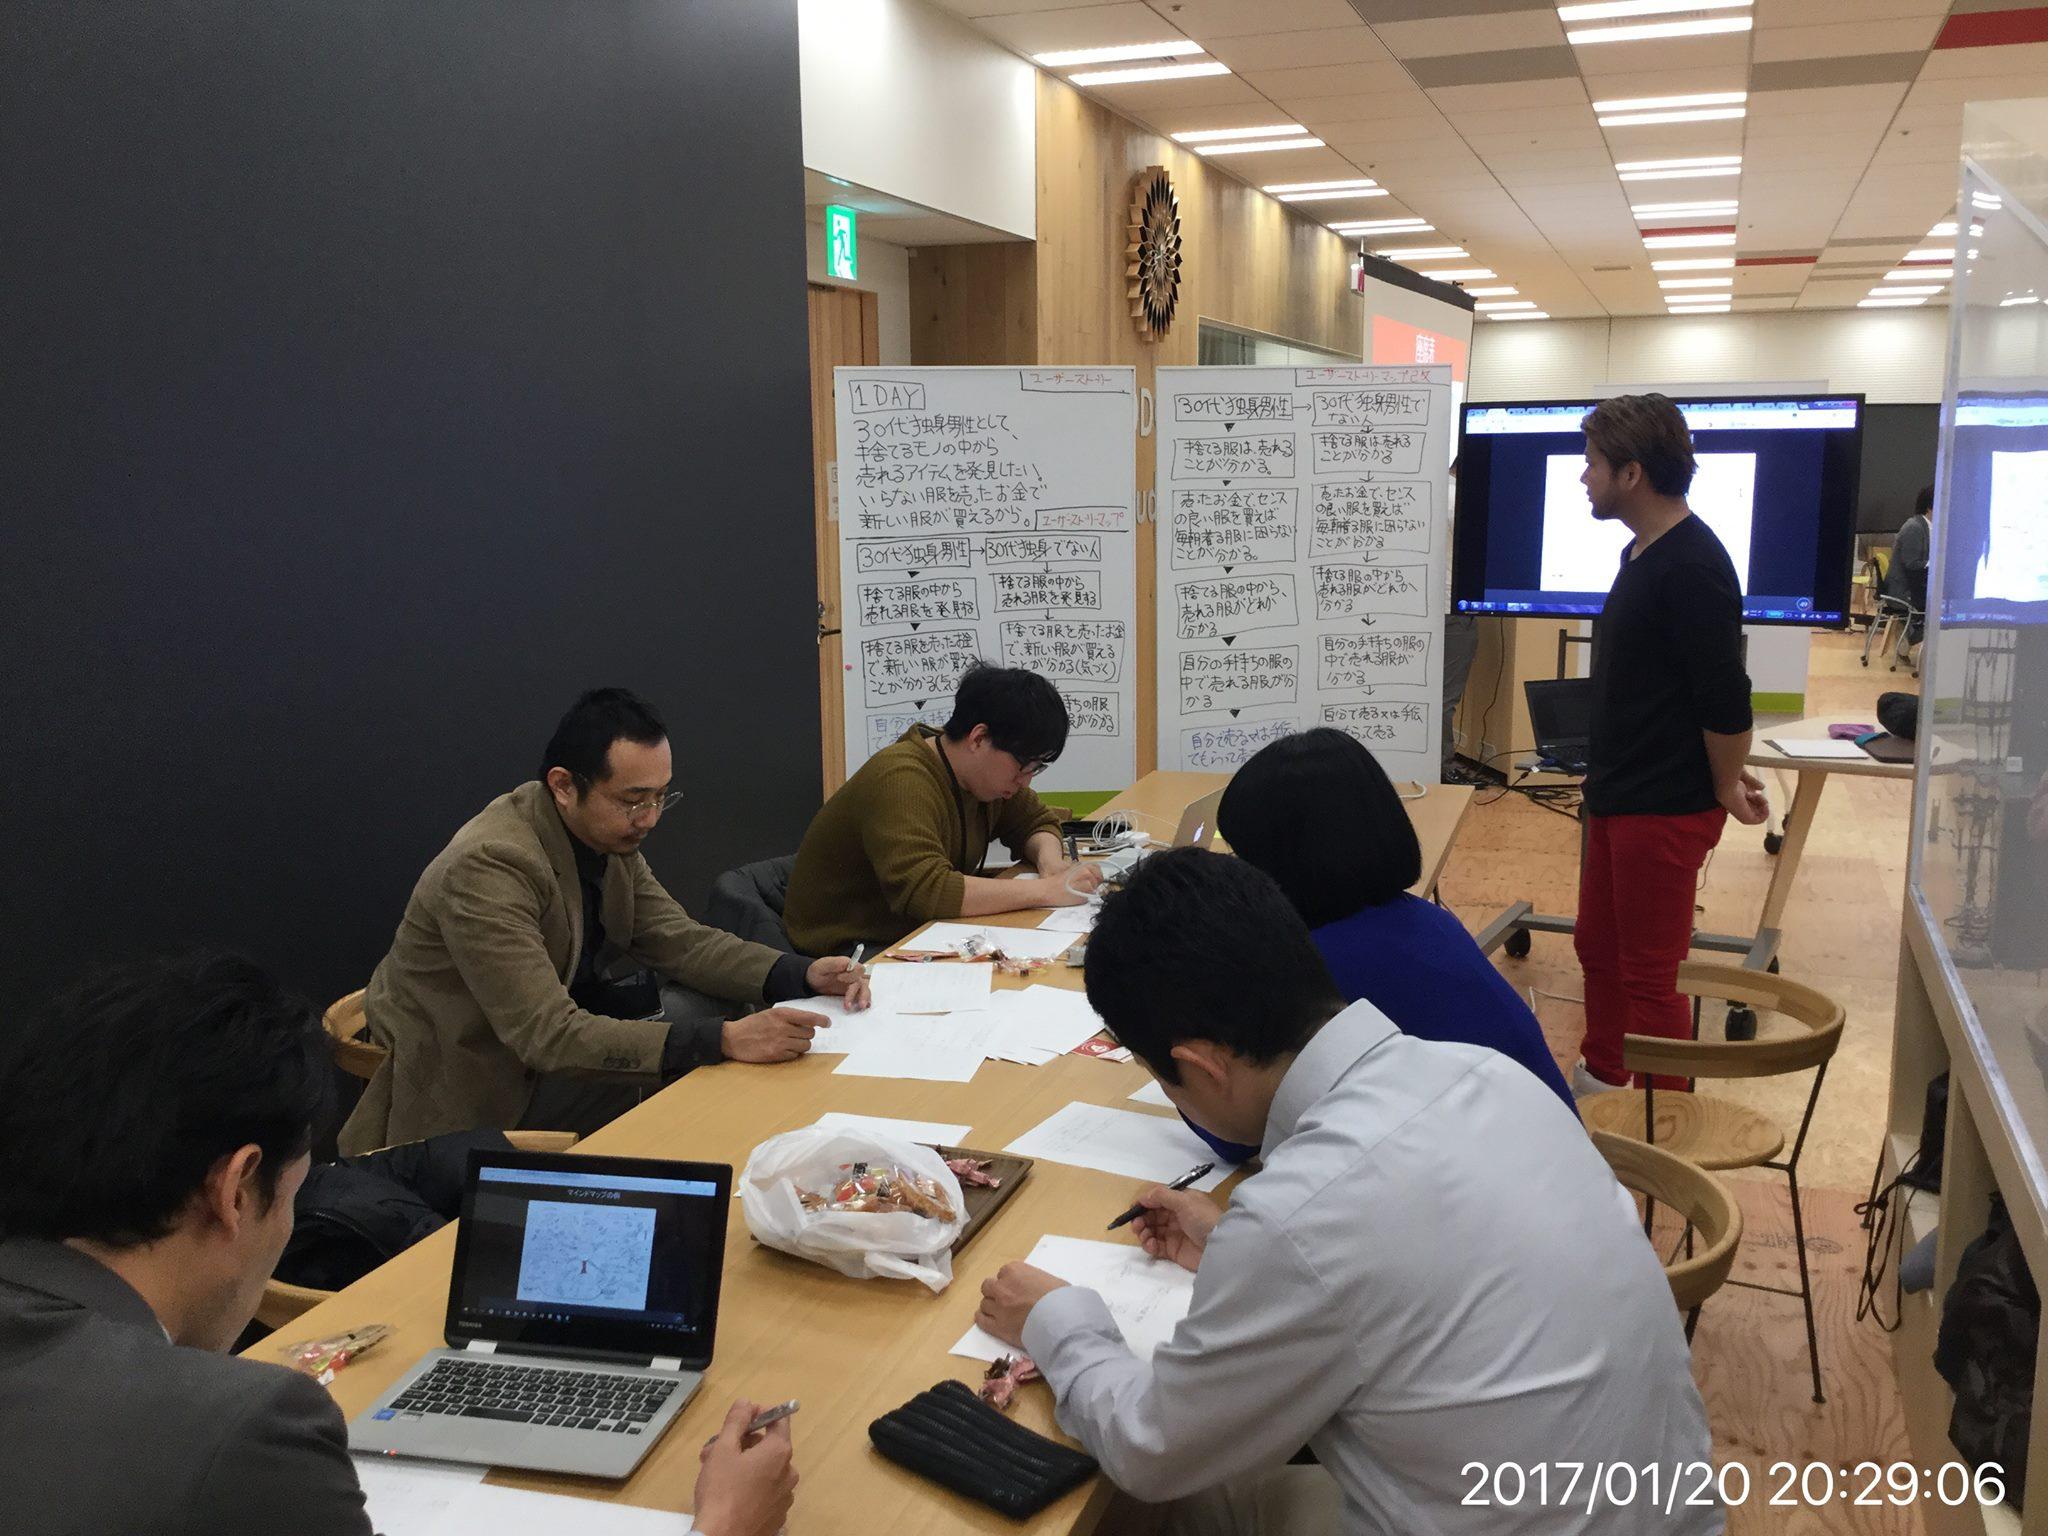 デザインスプリント スプリントウィーク1日目 ユーザーストーリーマップ